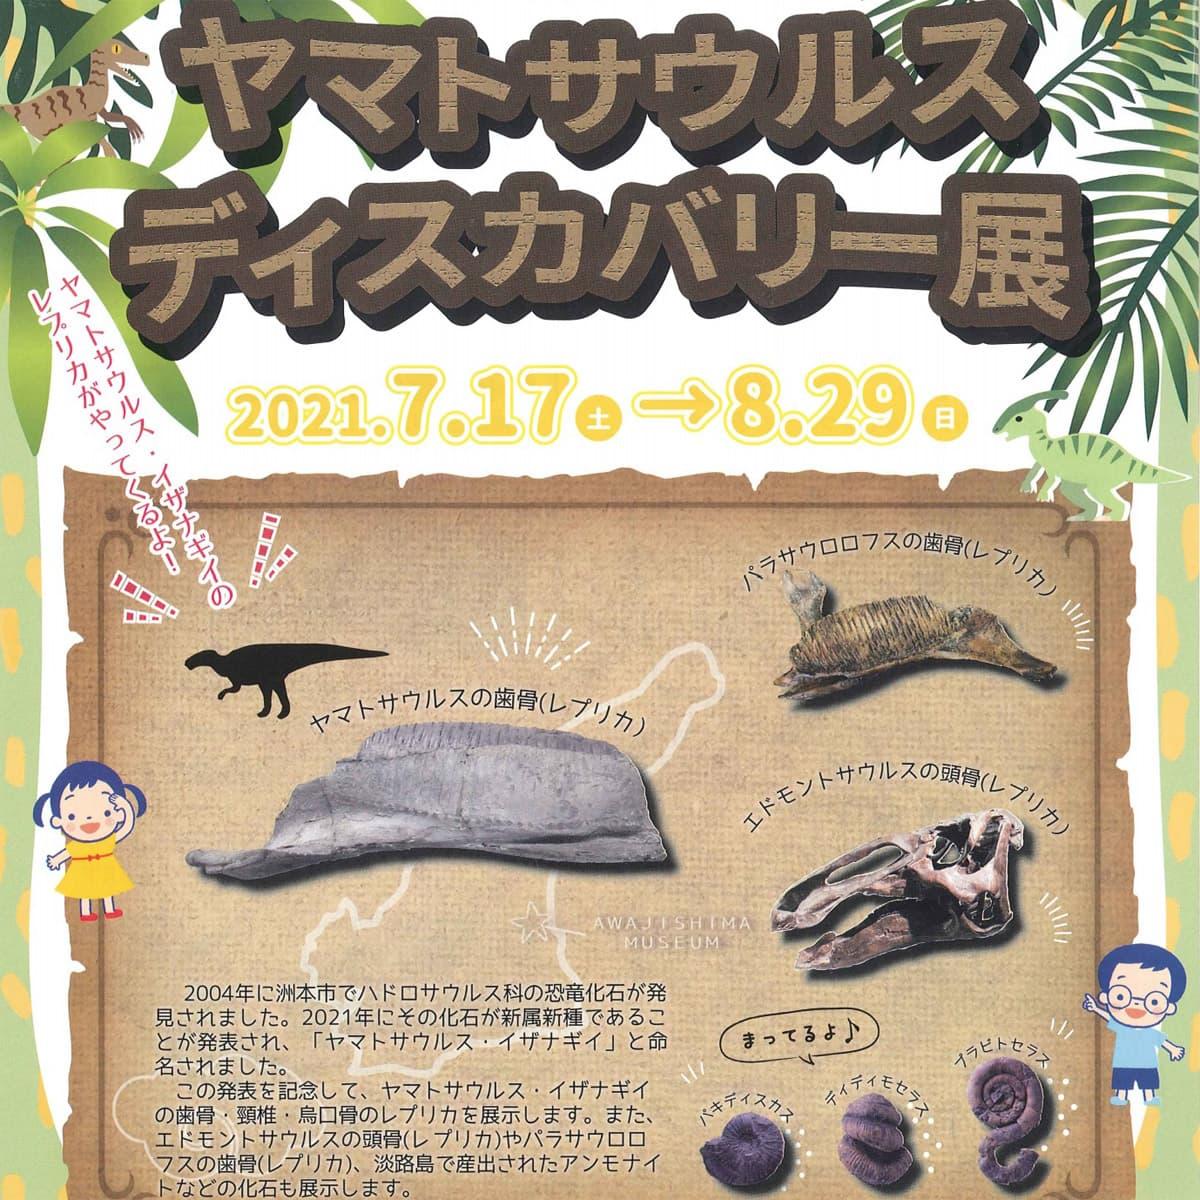 ヤマトサウルスディスカバリー展 淡路文化史料館